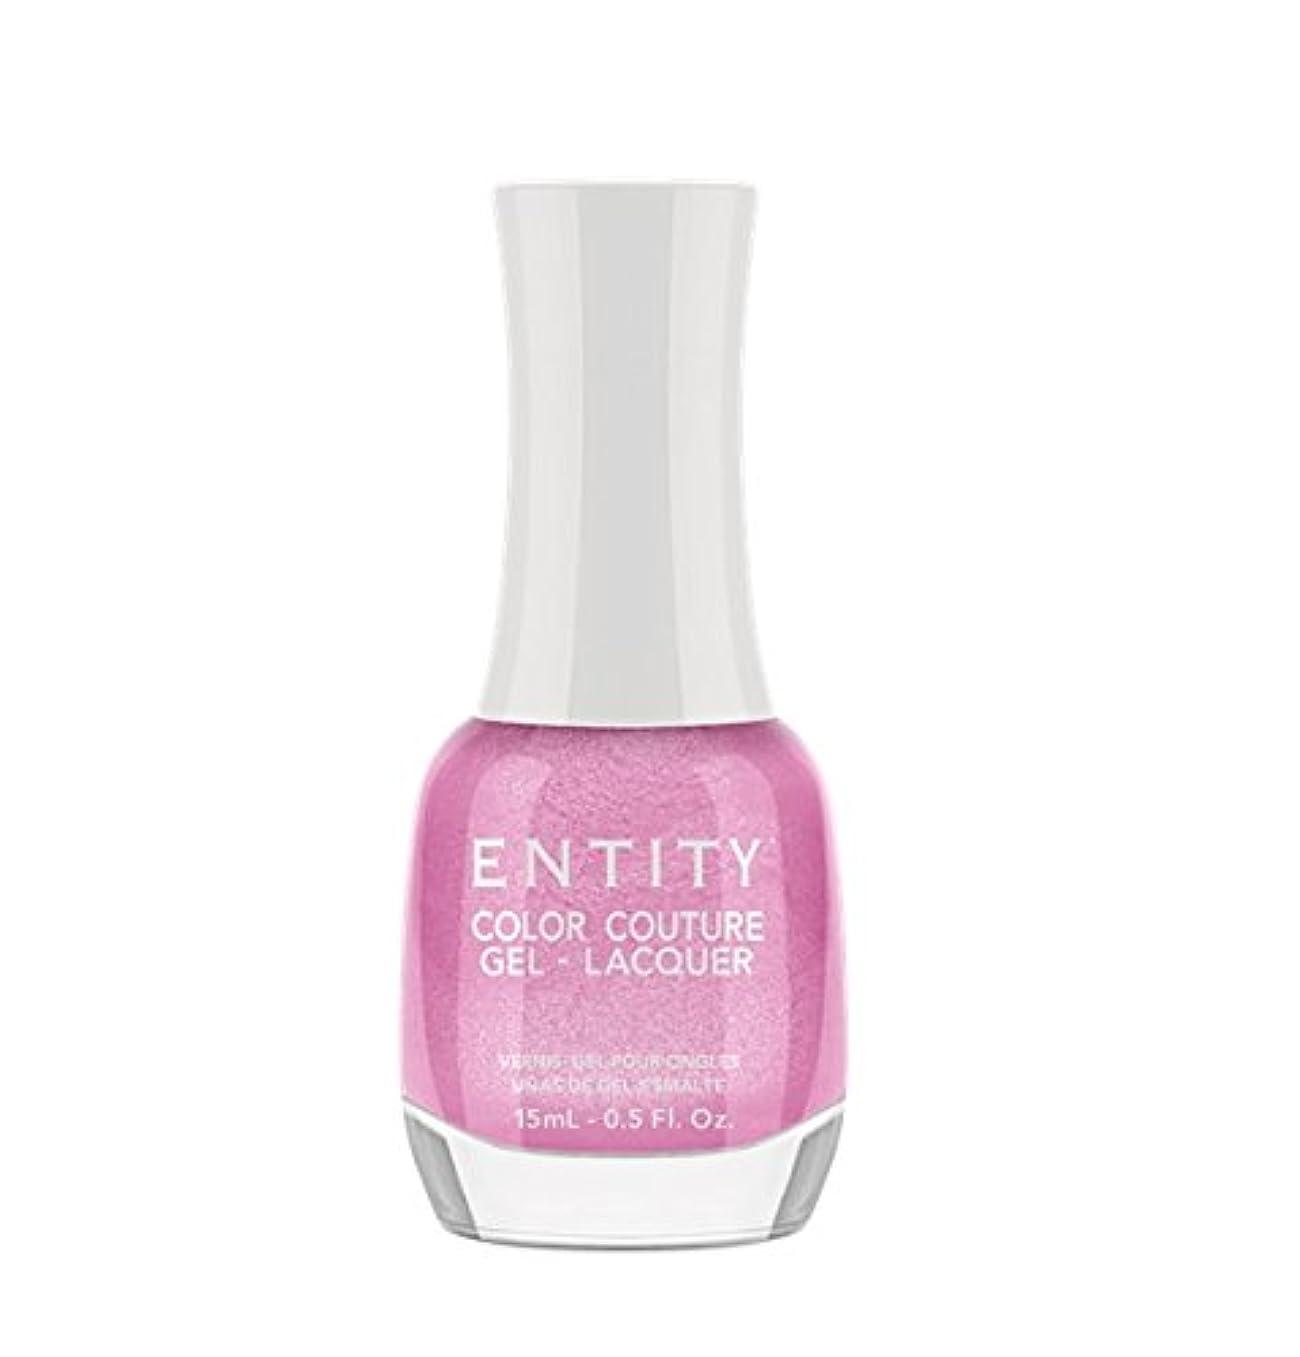 ギネス怠けた真鍮Entity Color Couture Gel-Lacquer - Ruching Pink - 15 ml/0.5 oz